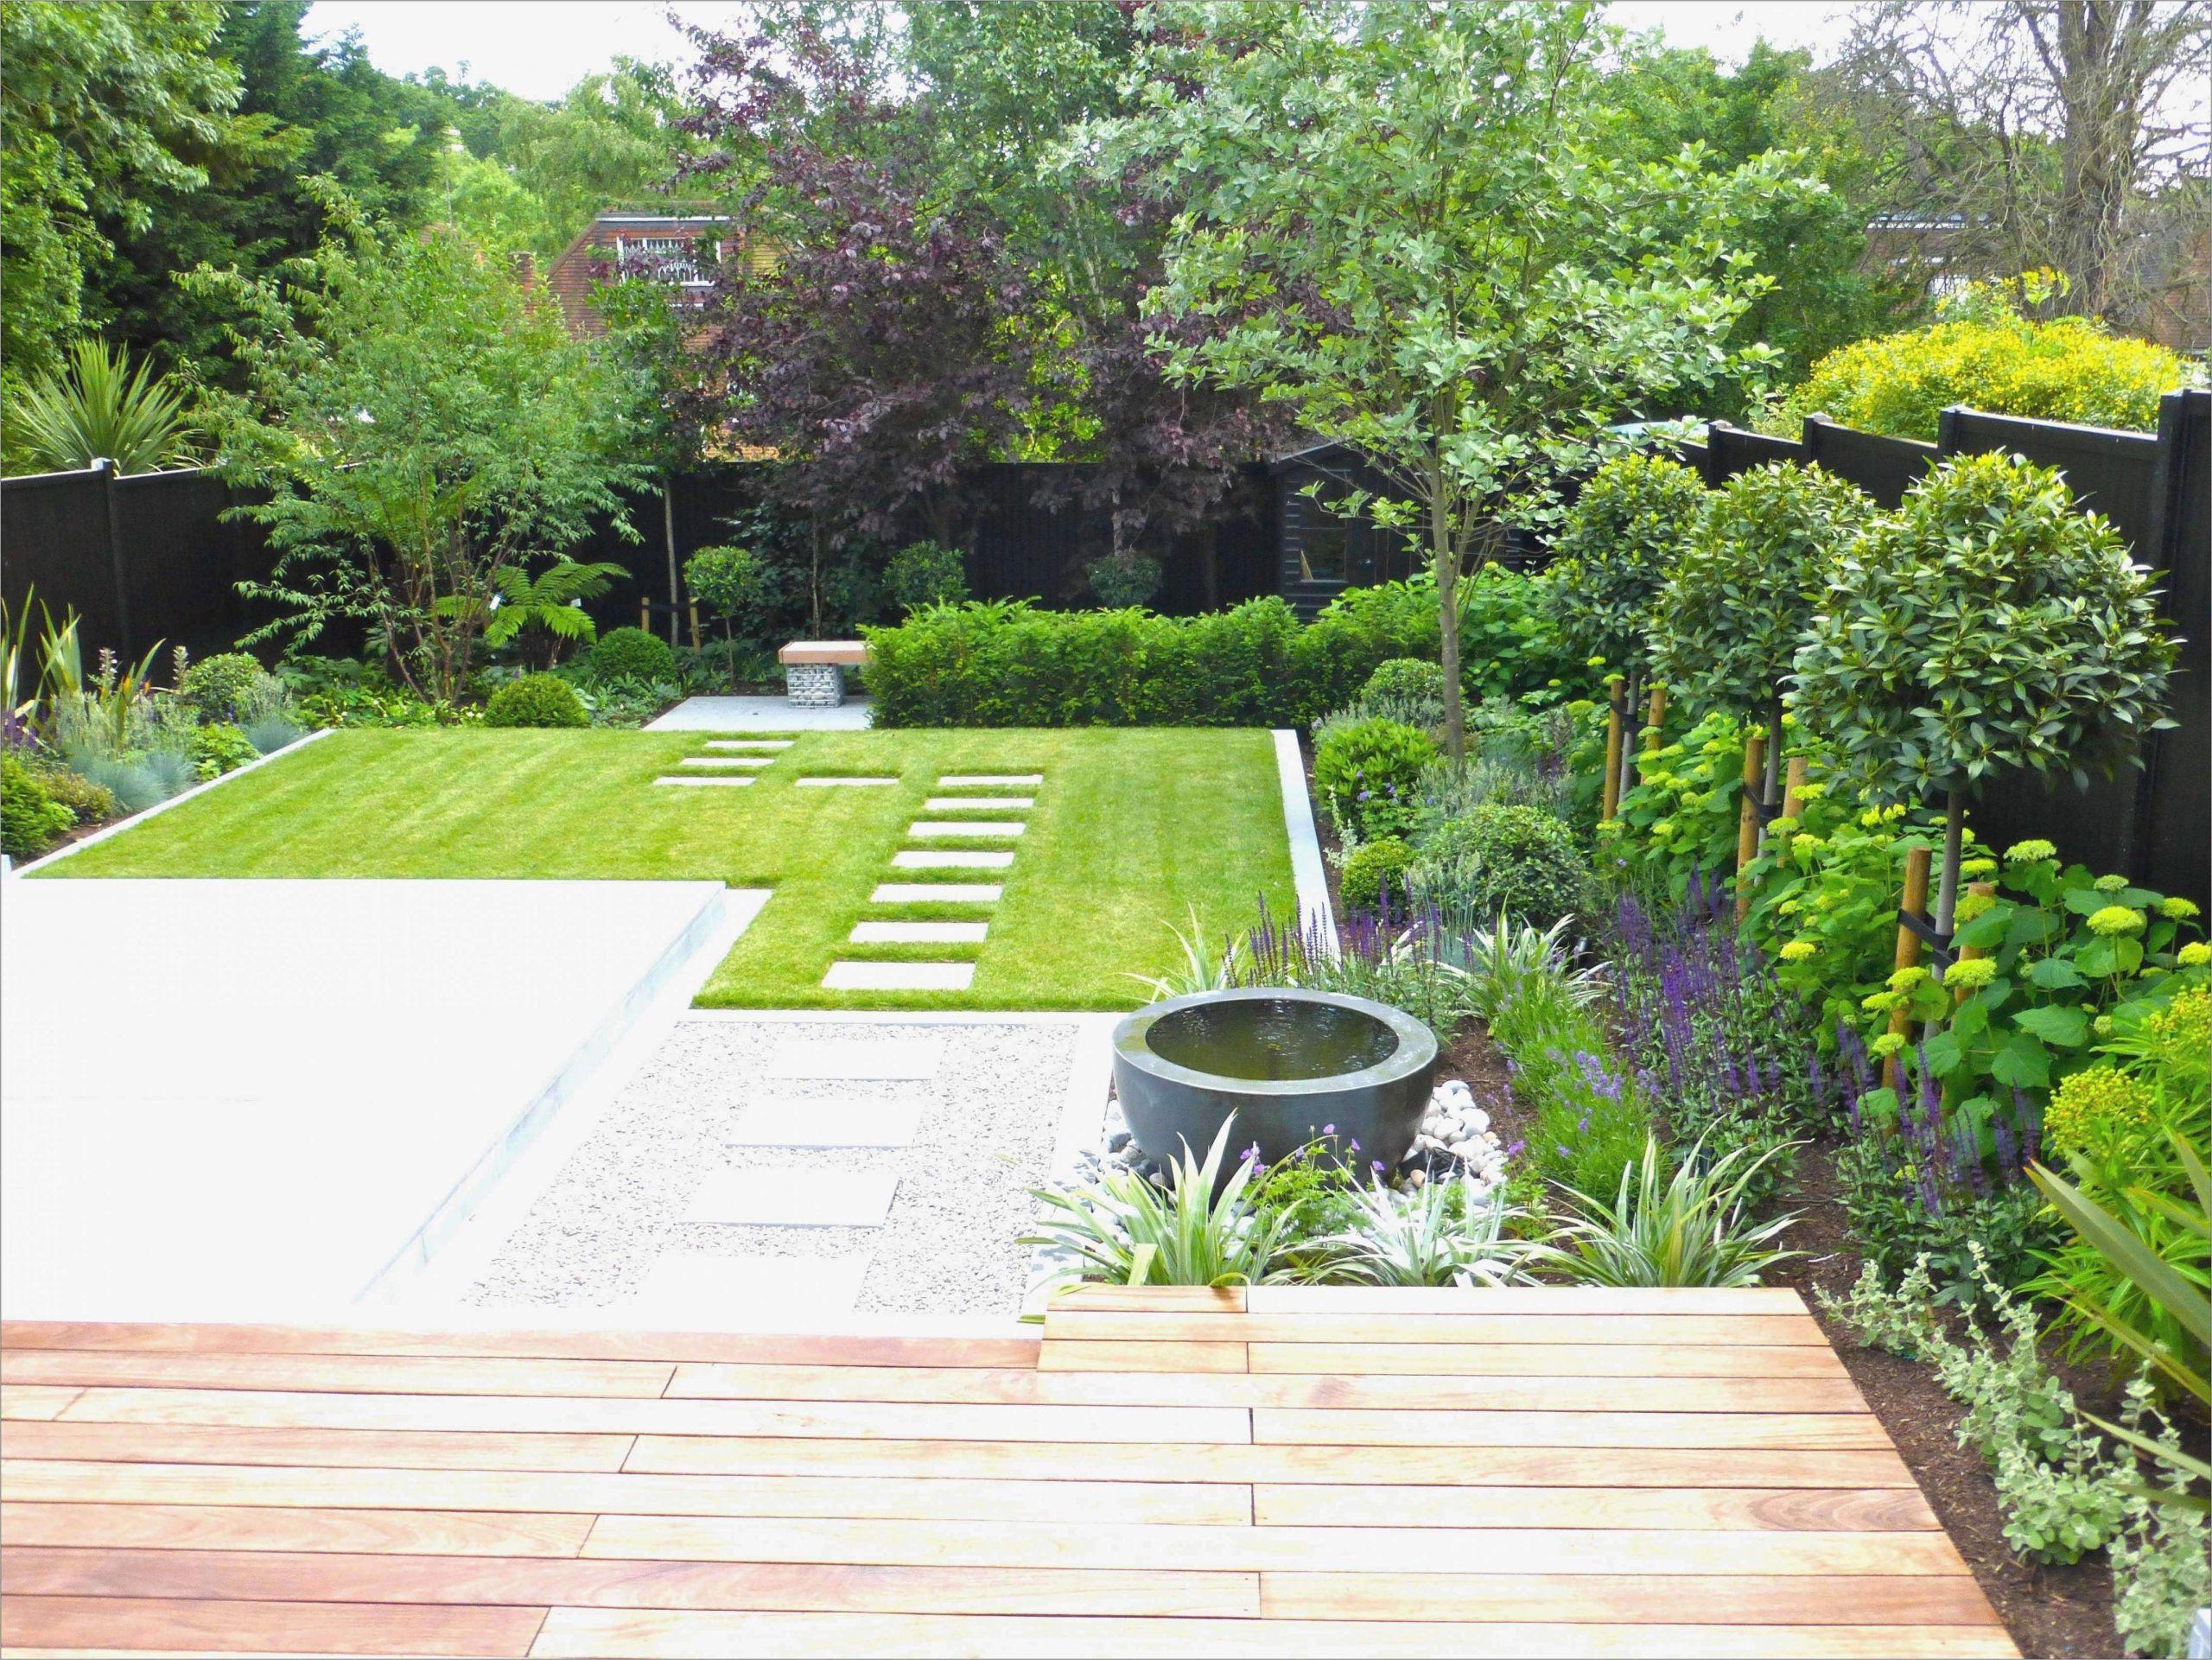 Garten überdachung Holz Inspirierend Ideen Für Grillplatz Im Garten — Temobardz Home Blog